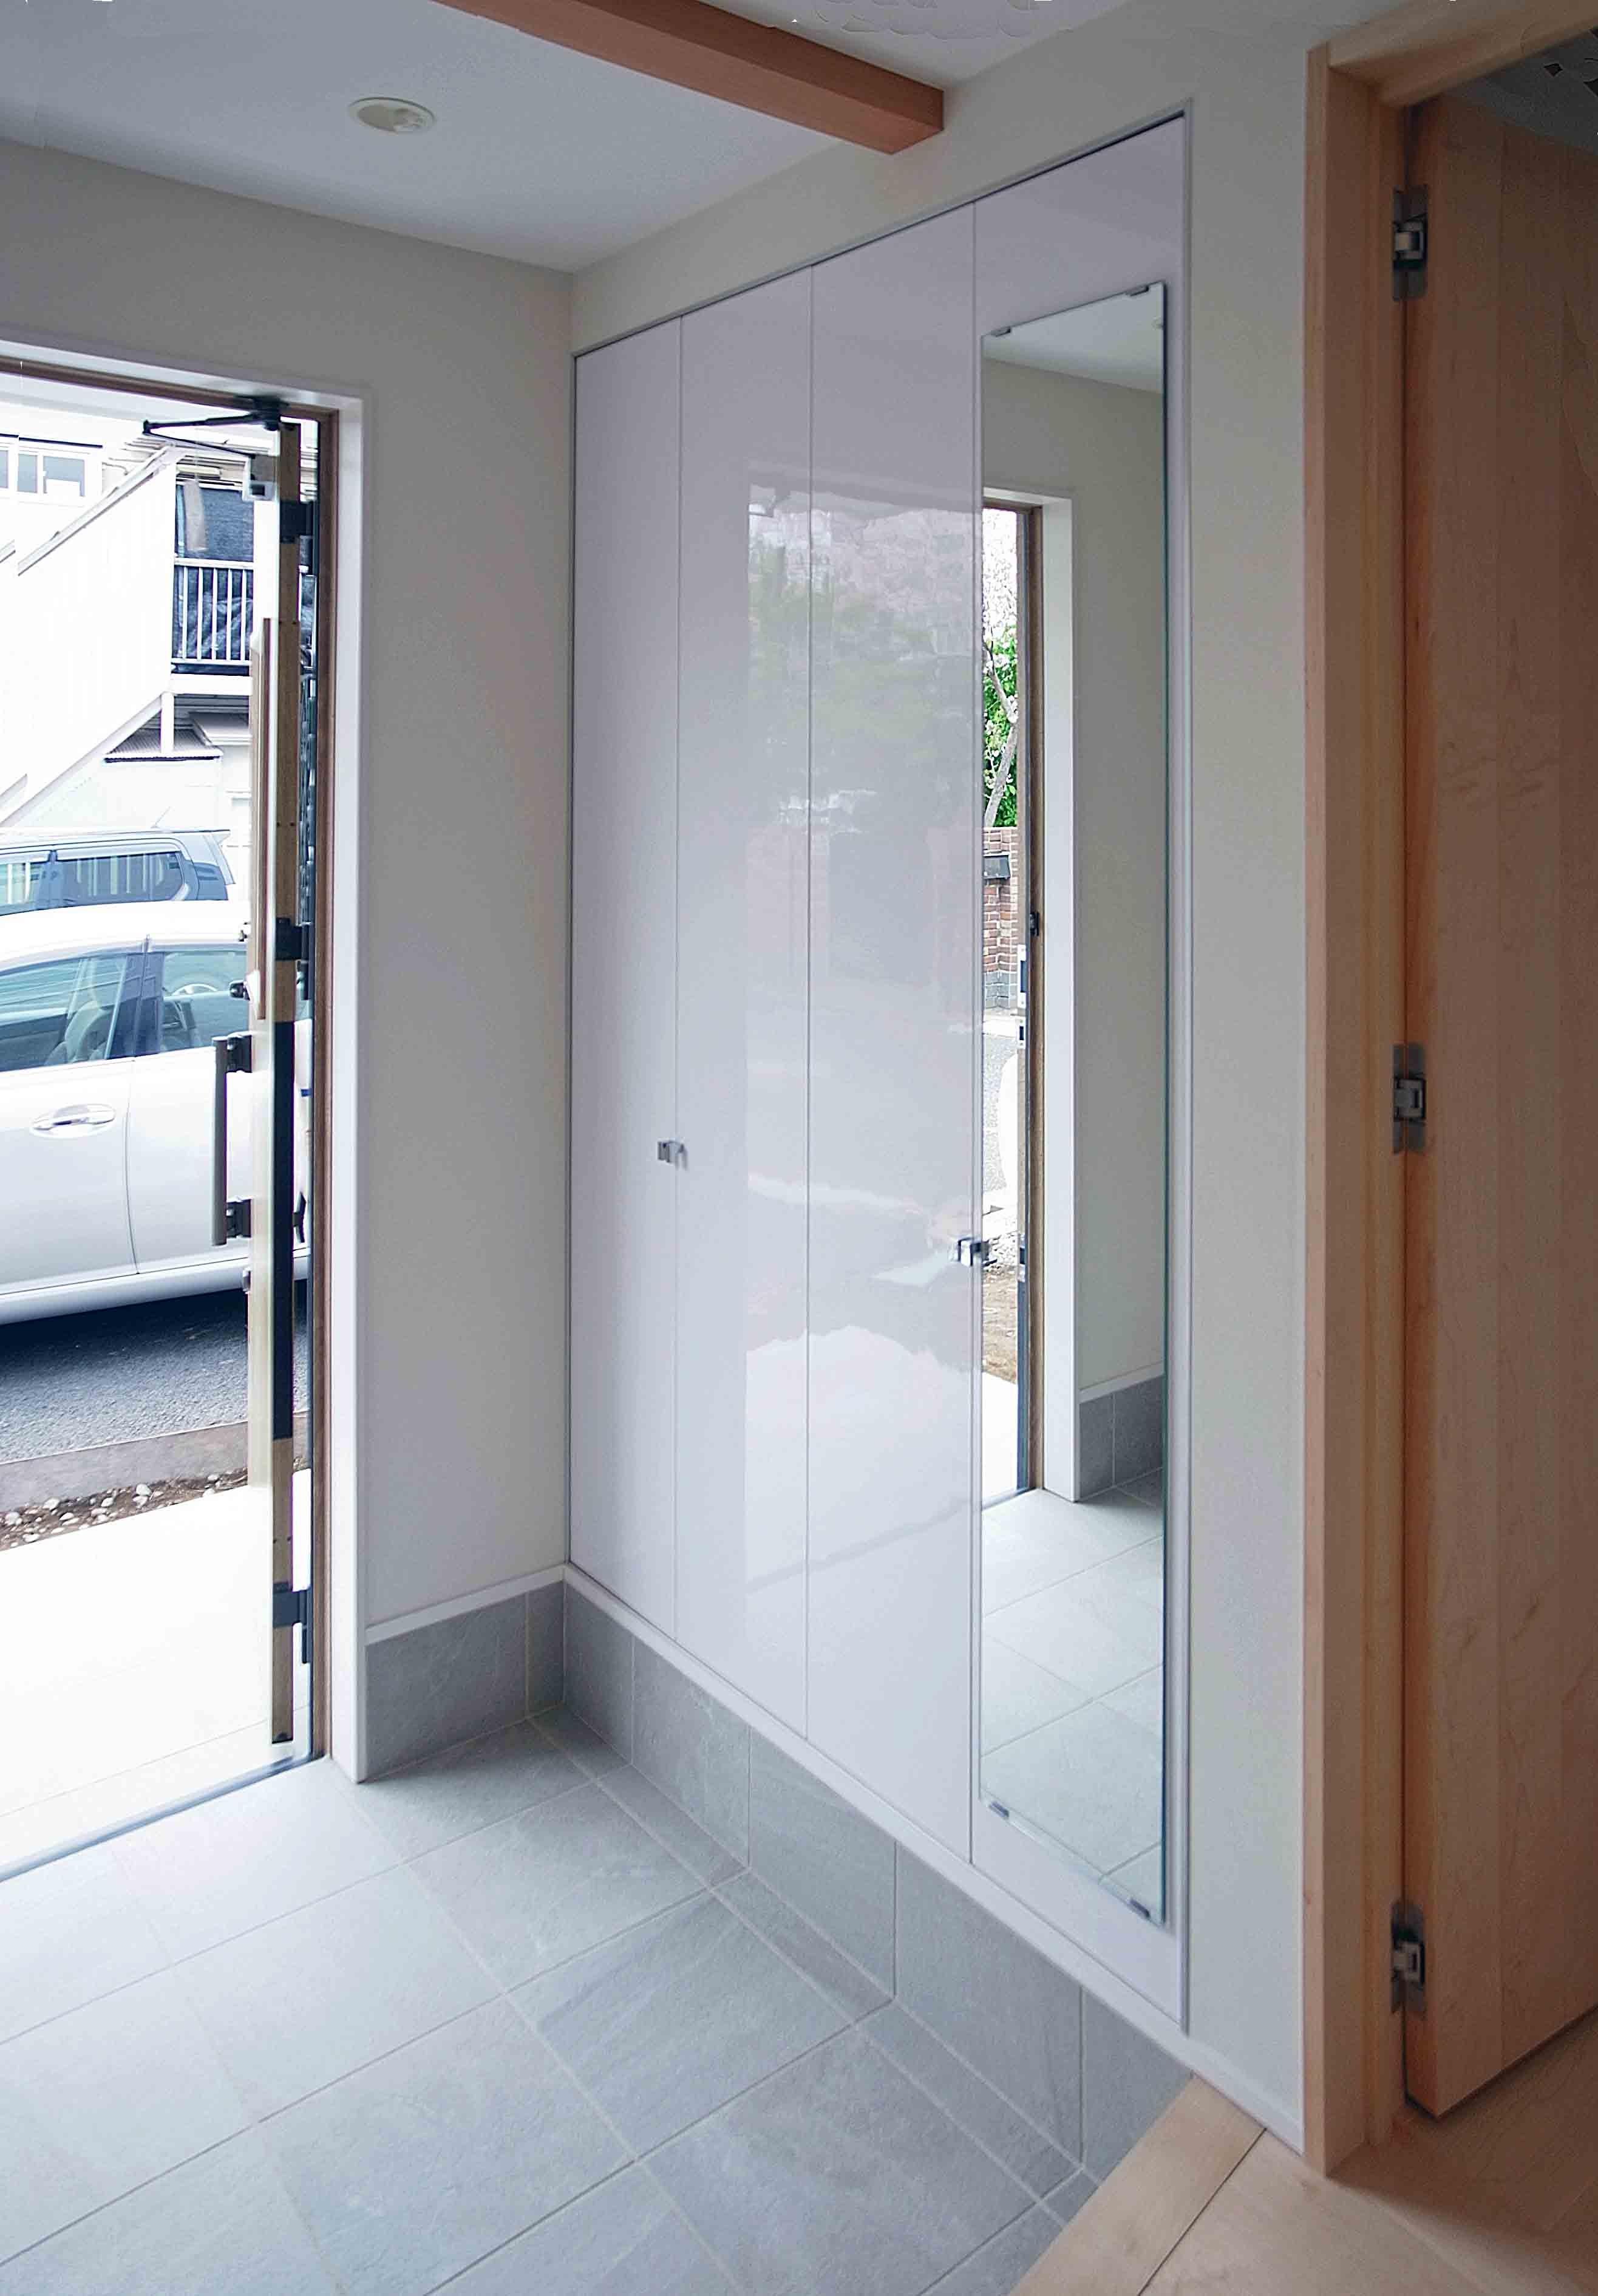 玄関事例:オーナー住居の玄関(老朽化したアパート建替え。デザイナーズで土地有効活用)